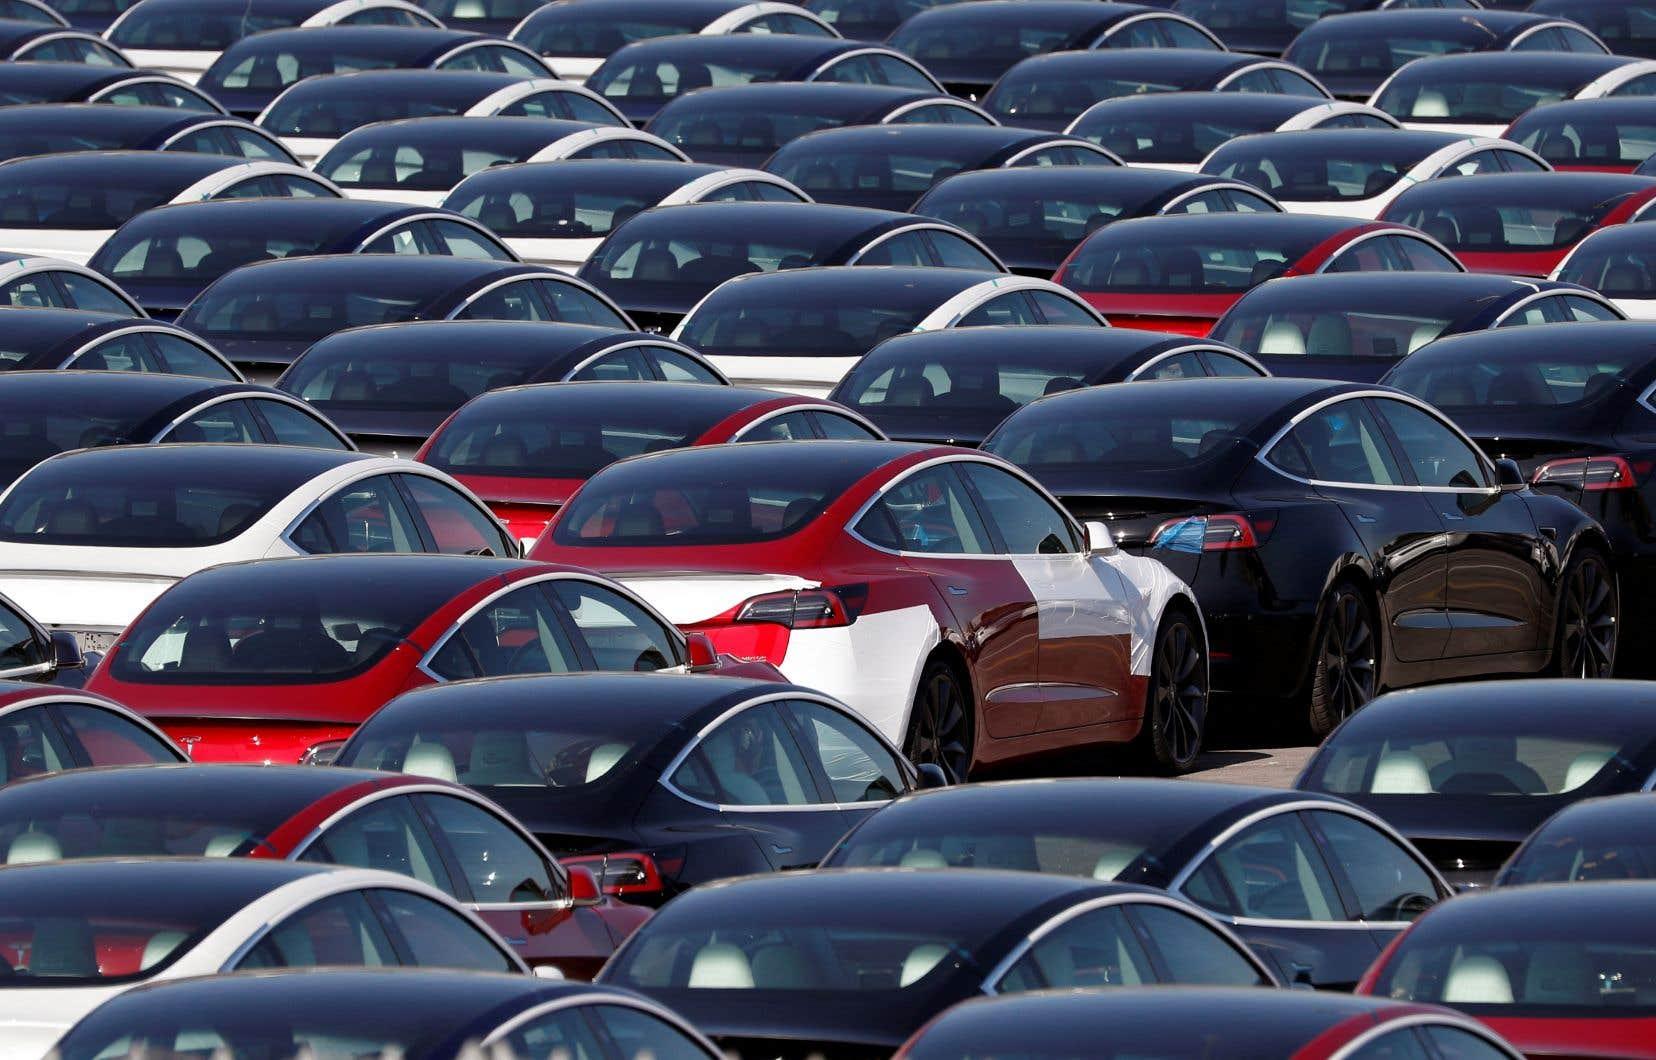 L'entreprise d'Elon Musk avait déjà annoncé avoir livré 201 250 véhicules au deuxième trimestre, un niveau inédit malgré la pénurie de semi-conducteurs qui perturbe le secteur automobile.